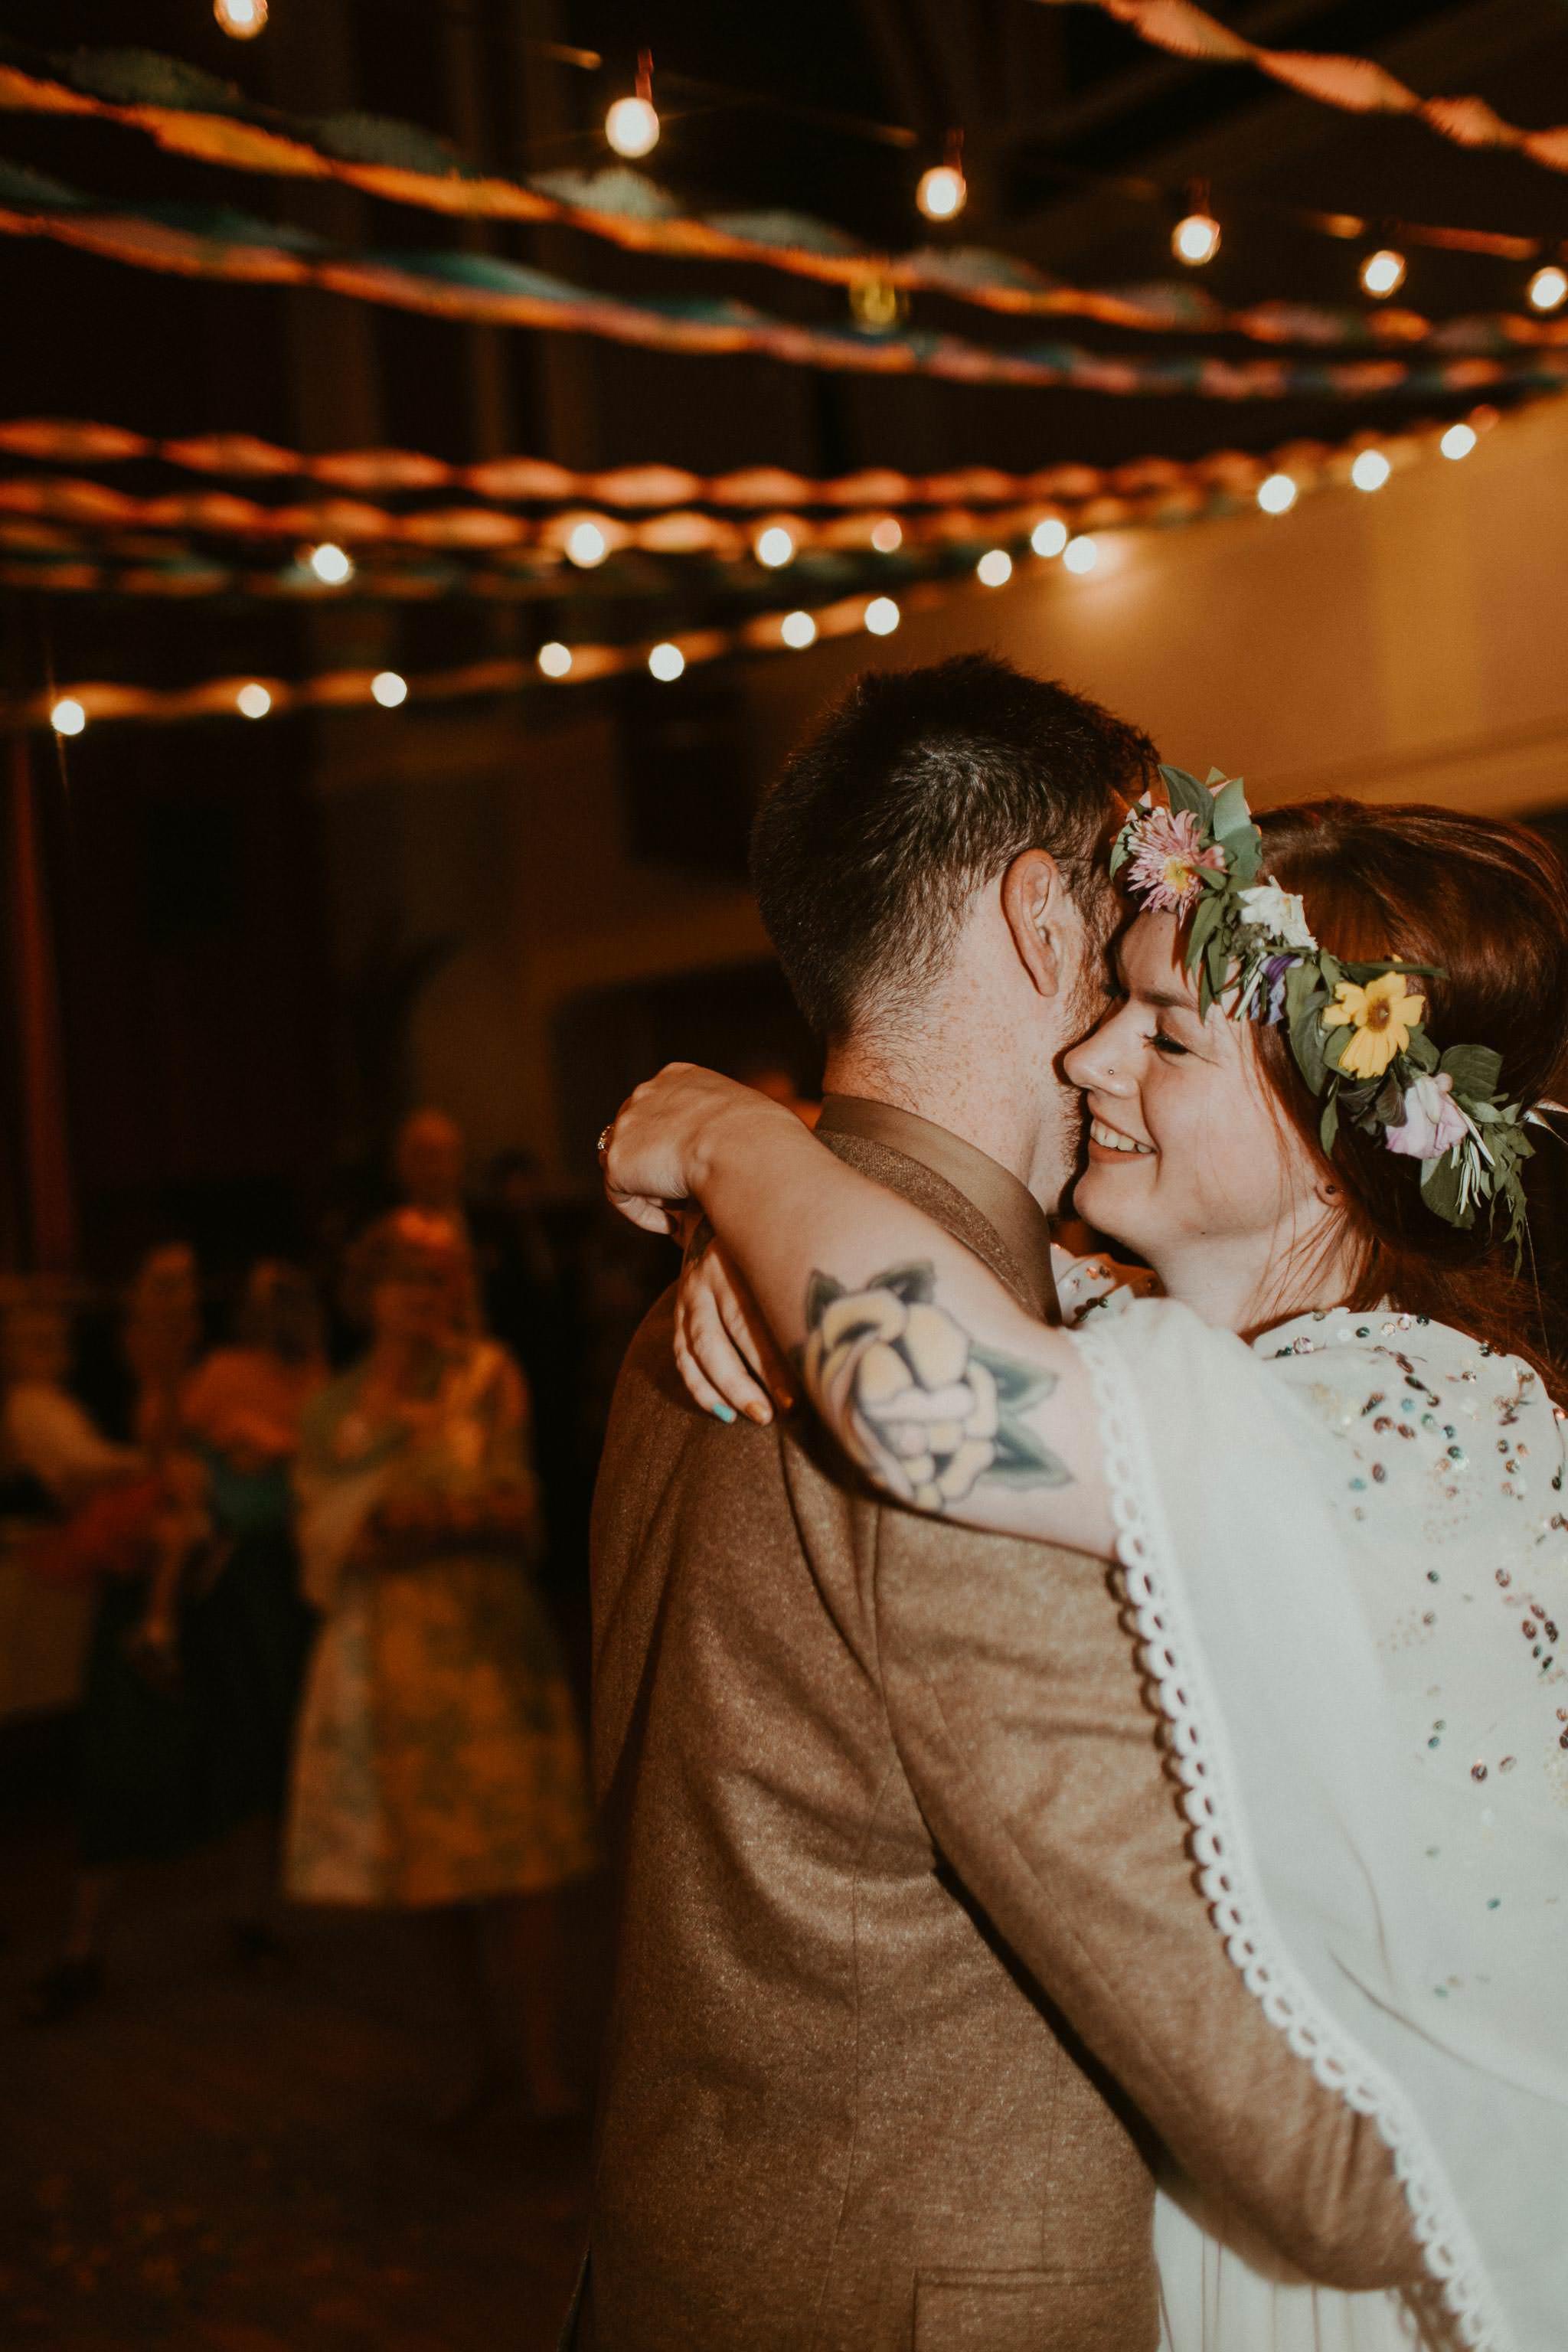 scottish-wedding-photography-163